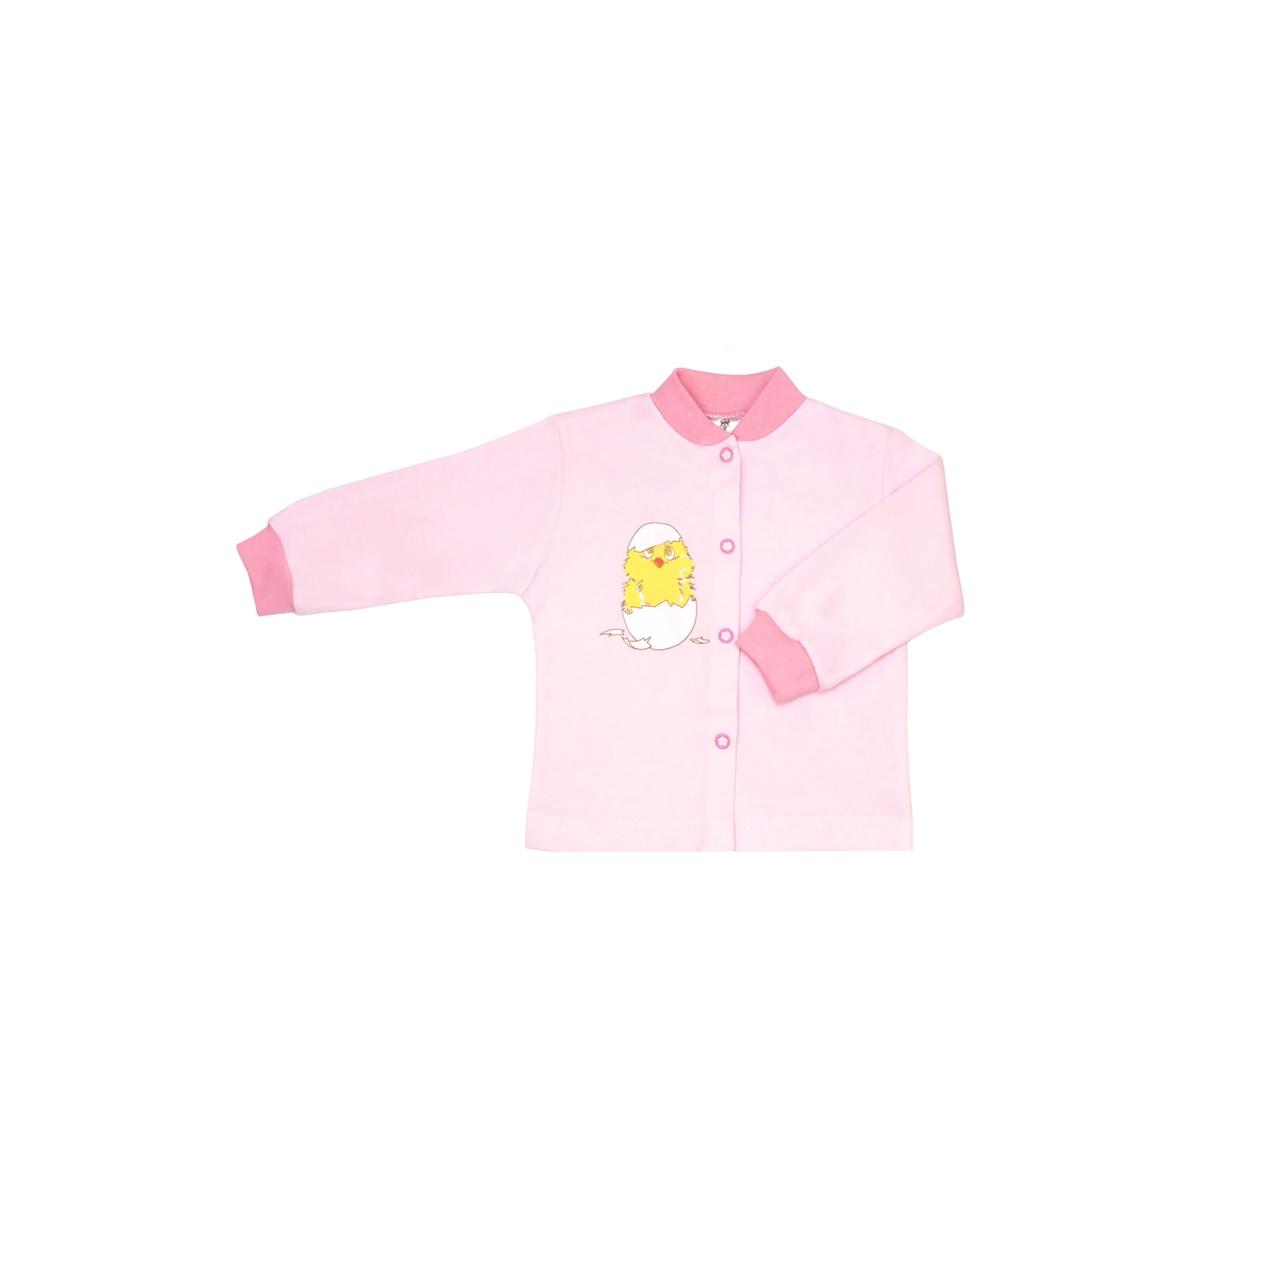 Кофточка КОТМАРКОТ для девочки, цвет розовый, Цыпленок 0-1 мес (размер 56)<br>